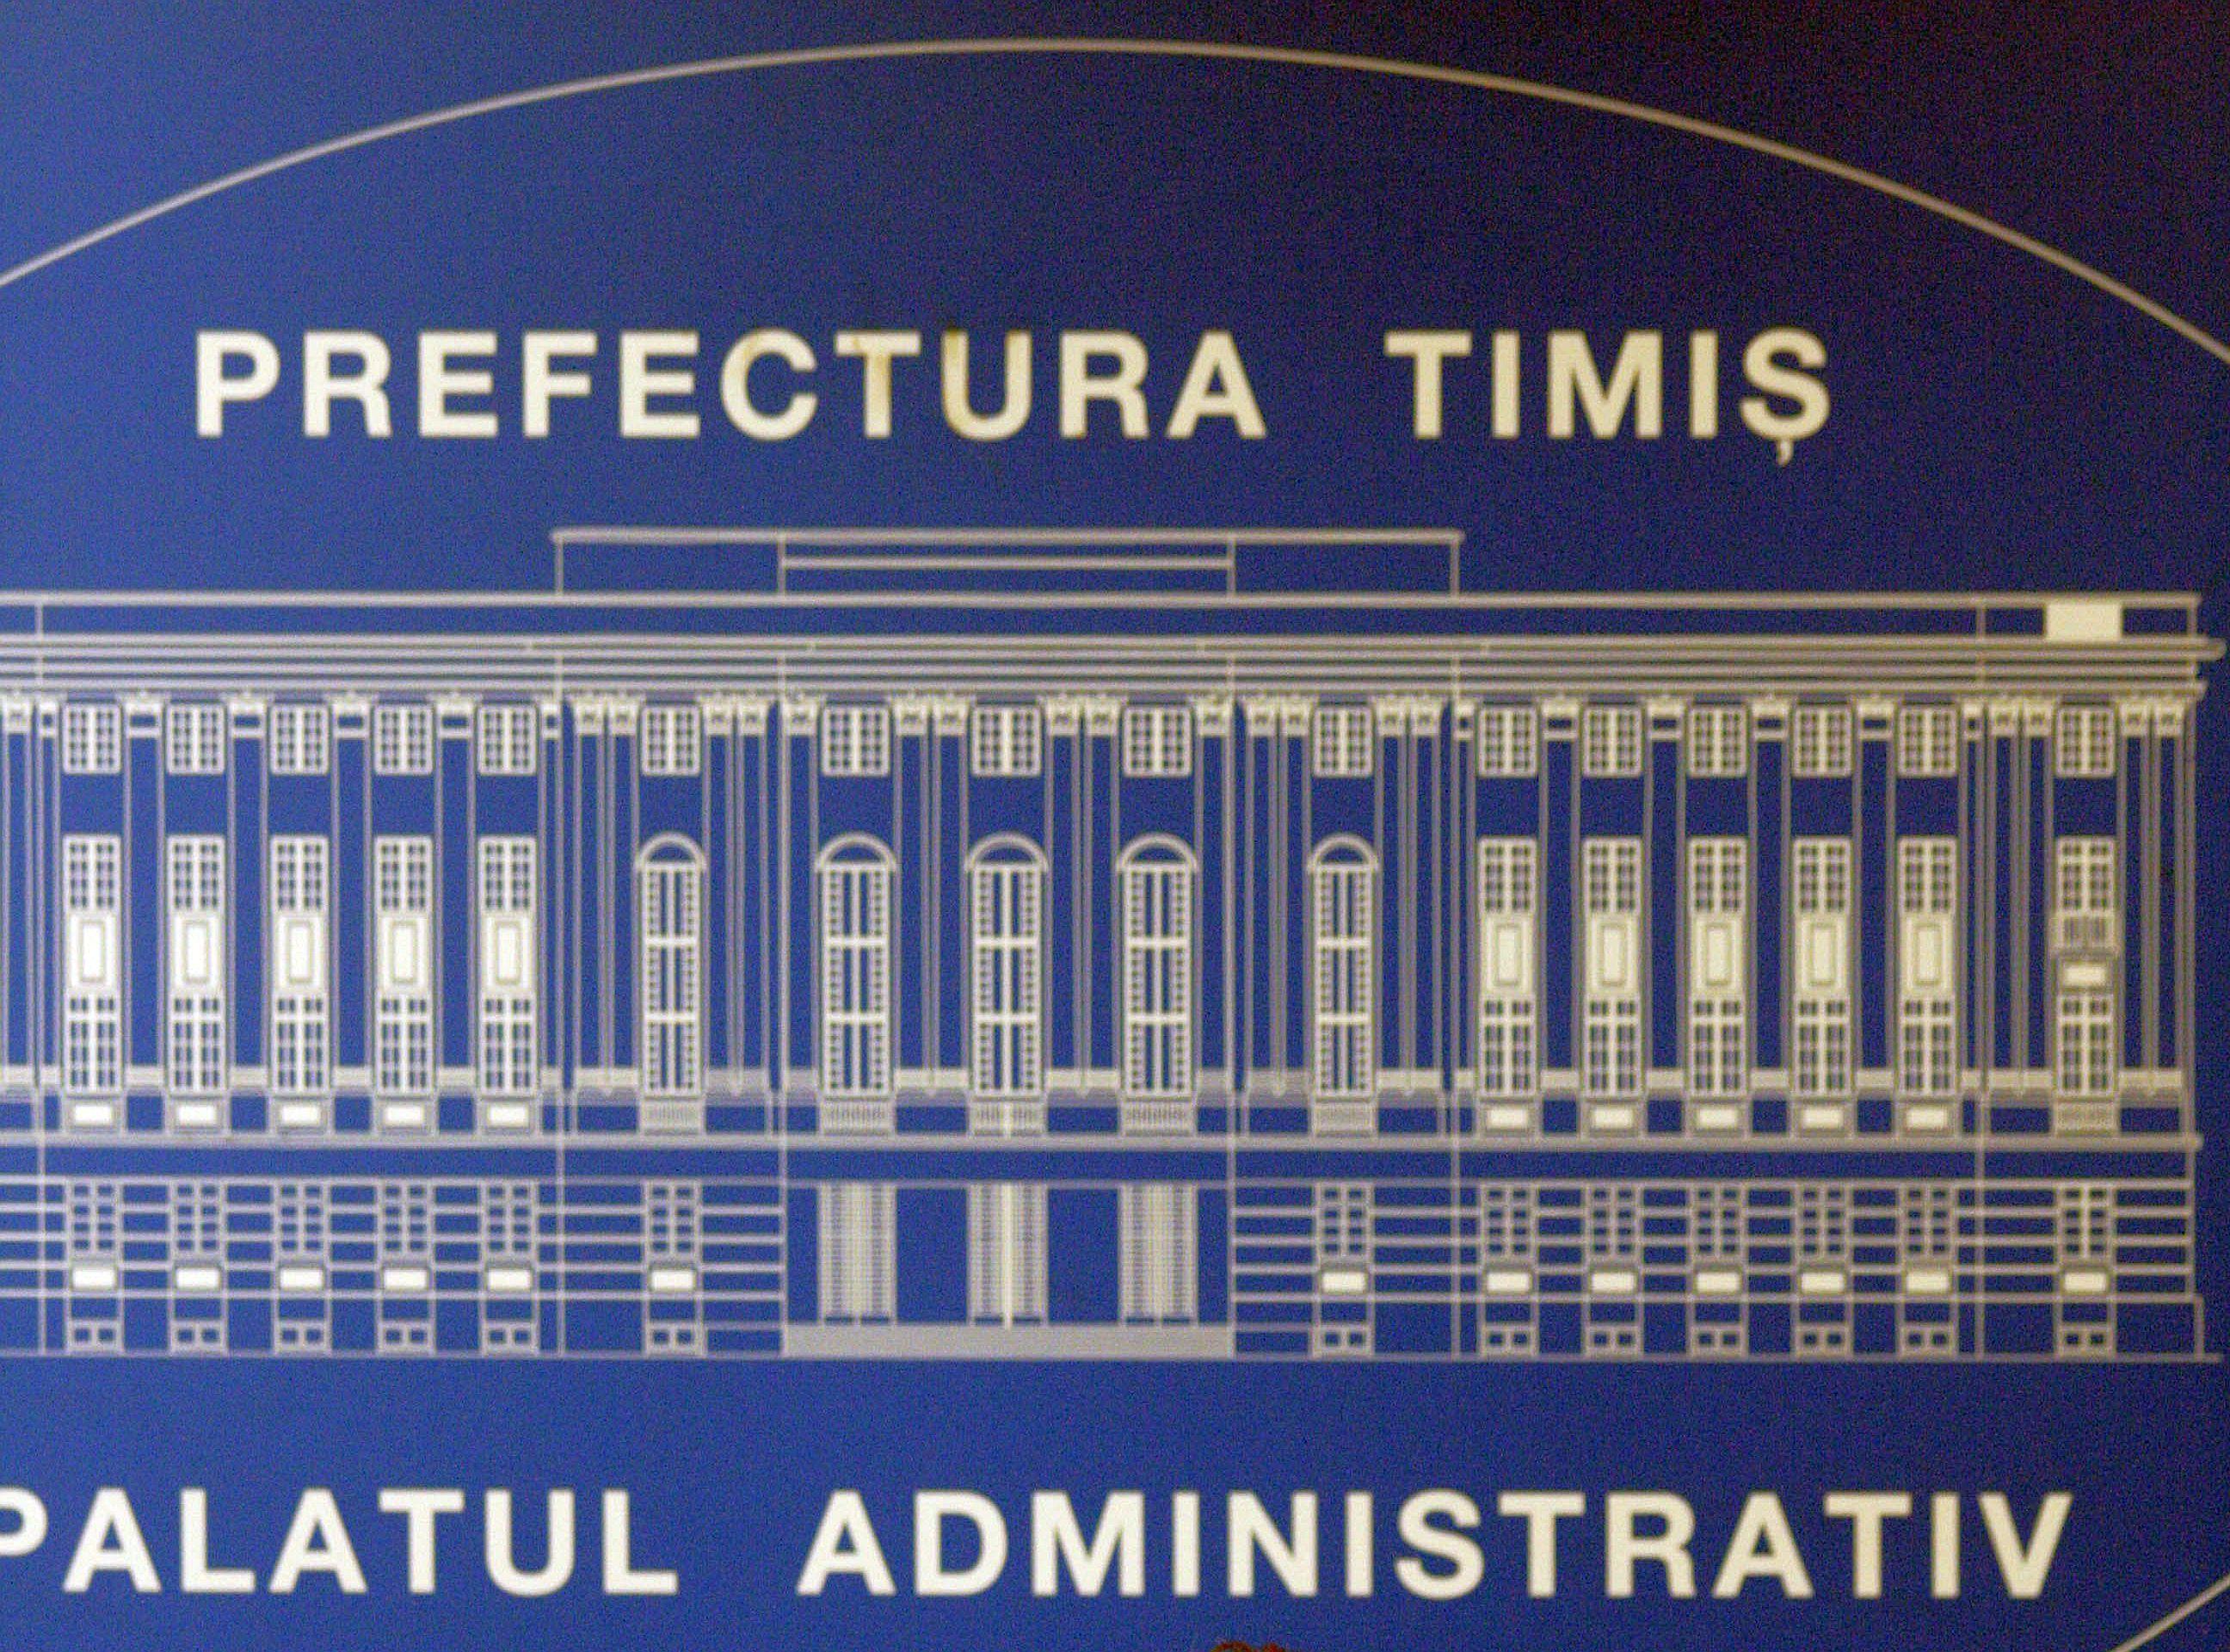 prefectura-timis.jpg